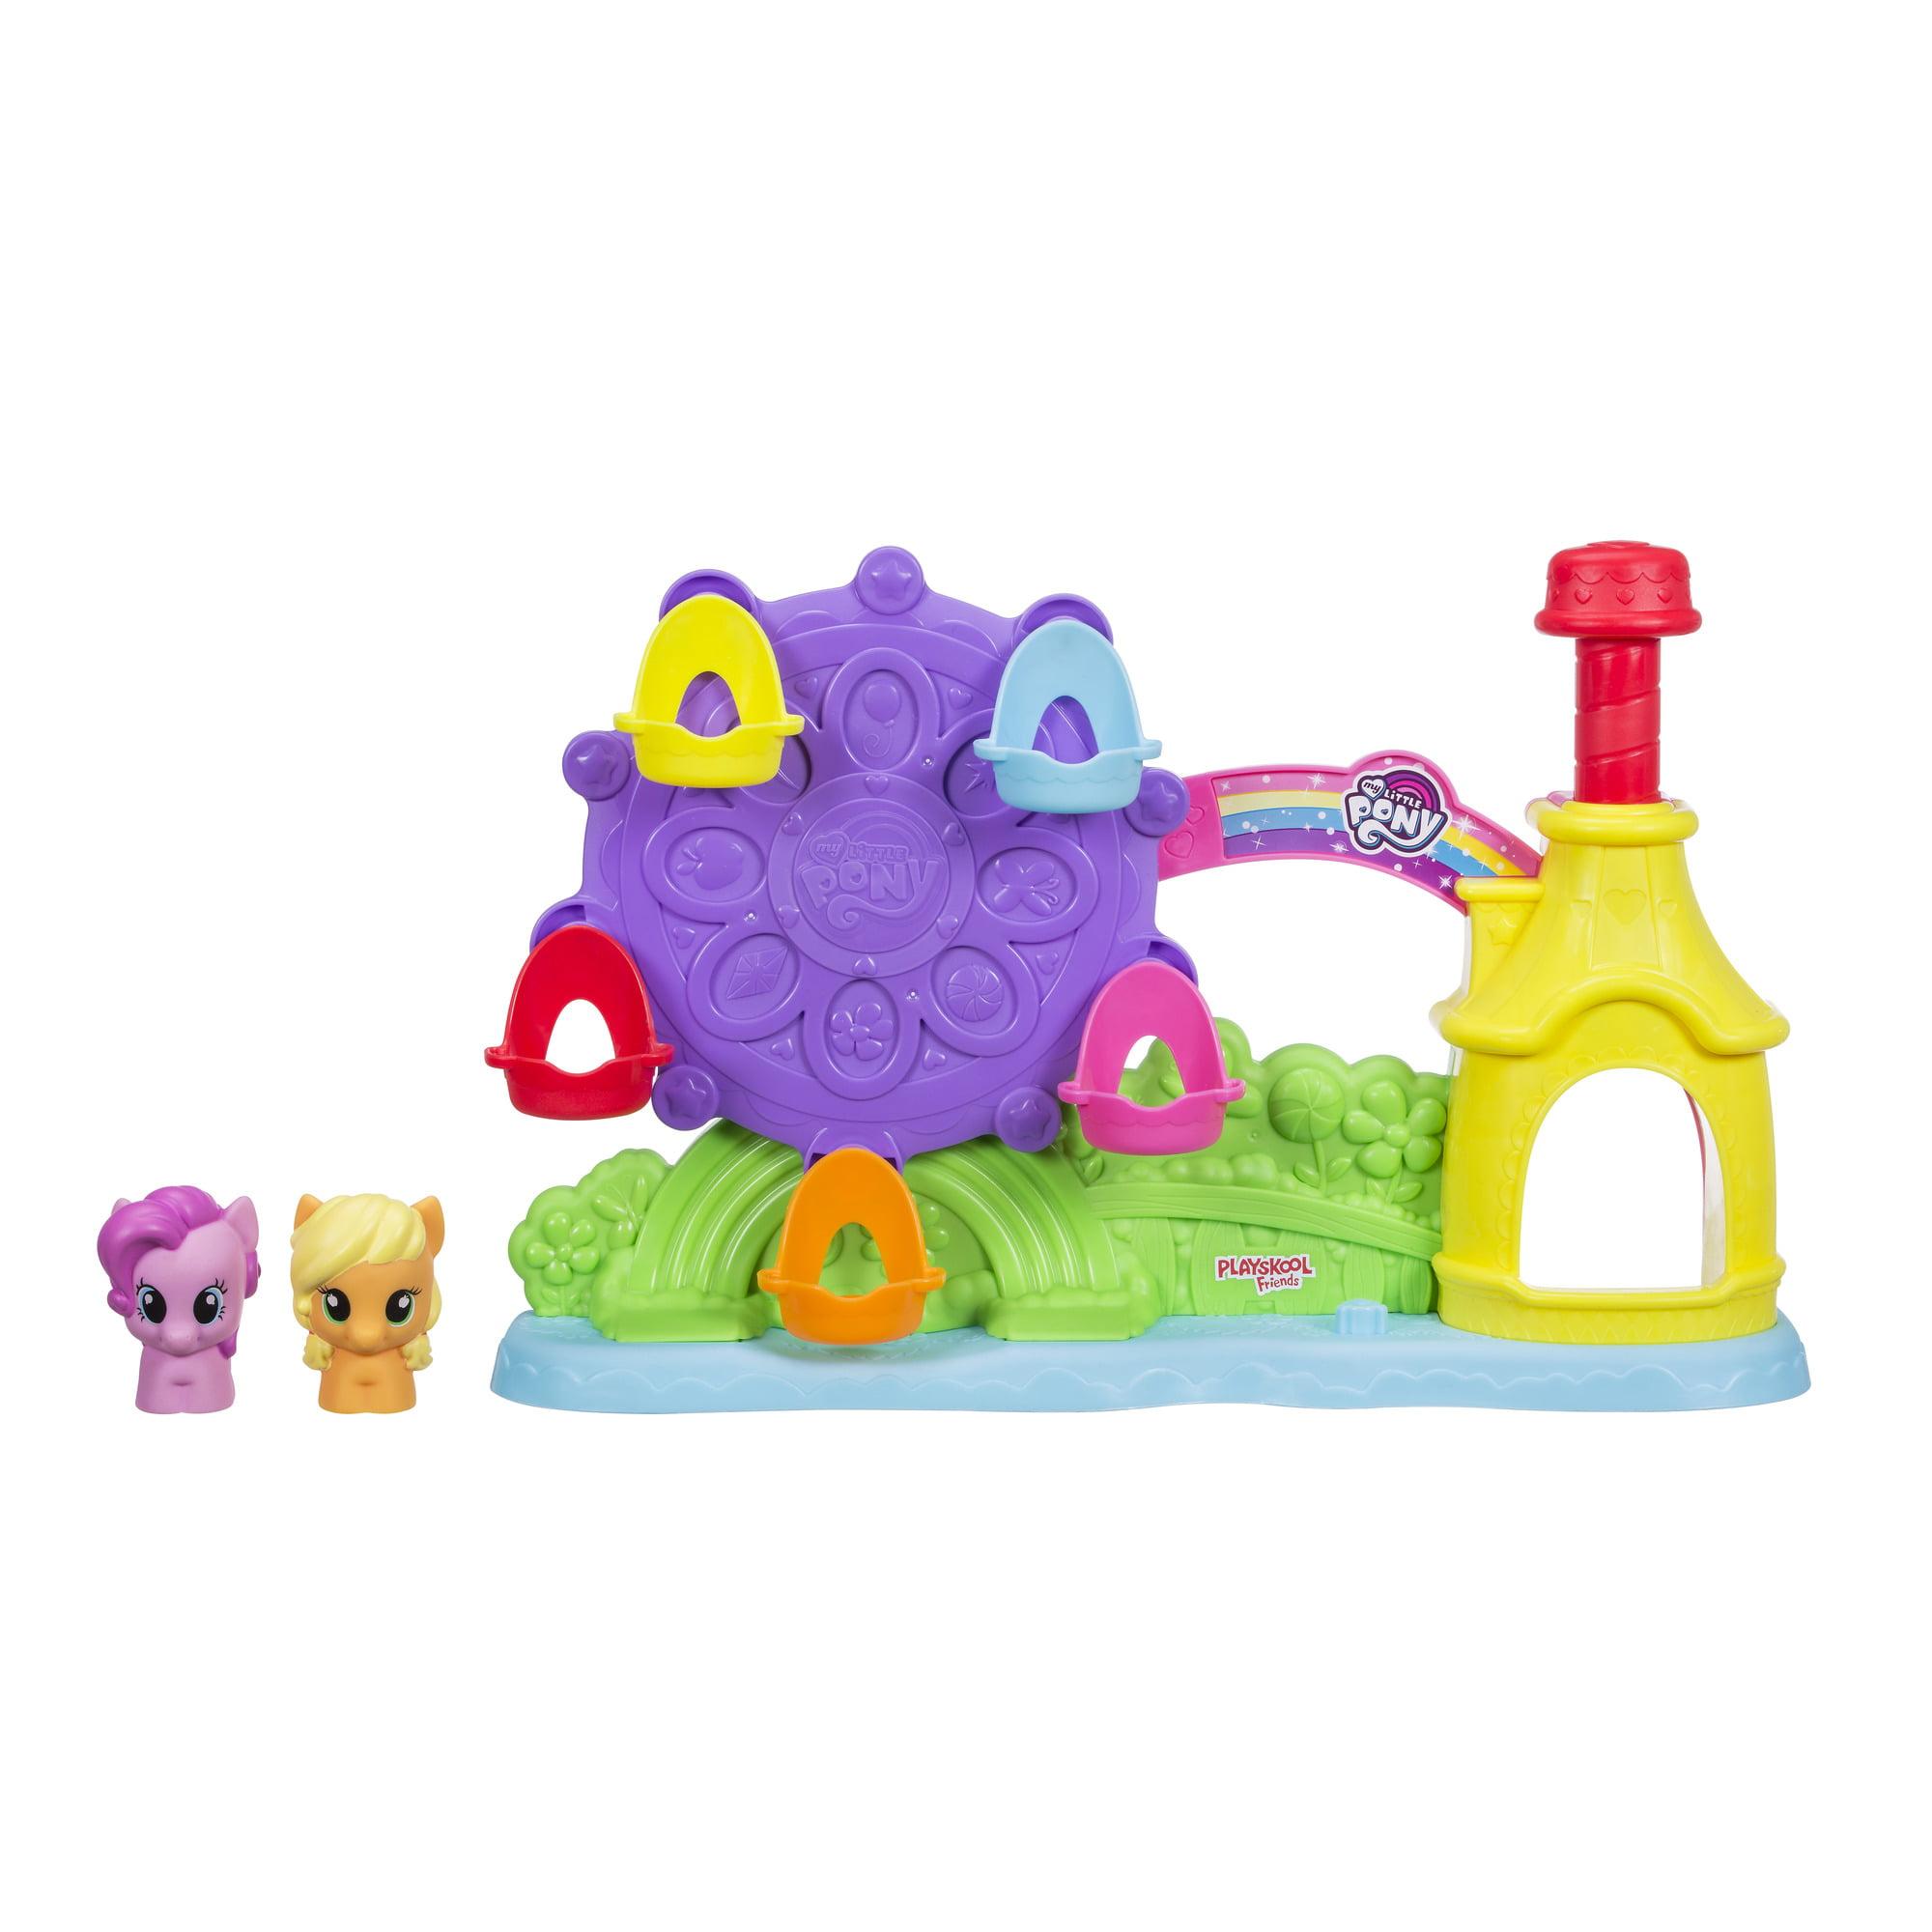 Playskool Friends My Little Pony Press 'n Whirl Ferris Wheel by Hasbro